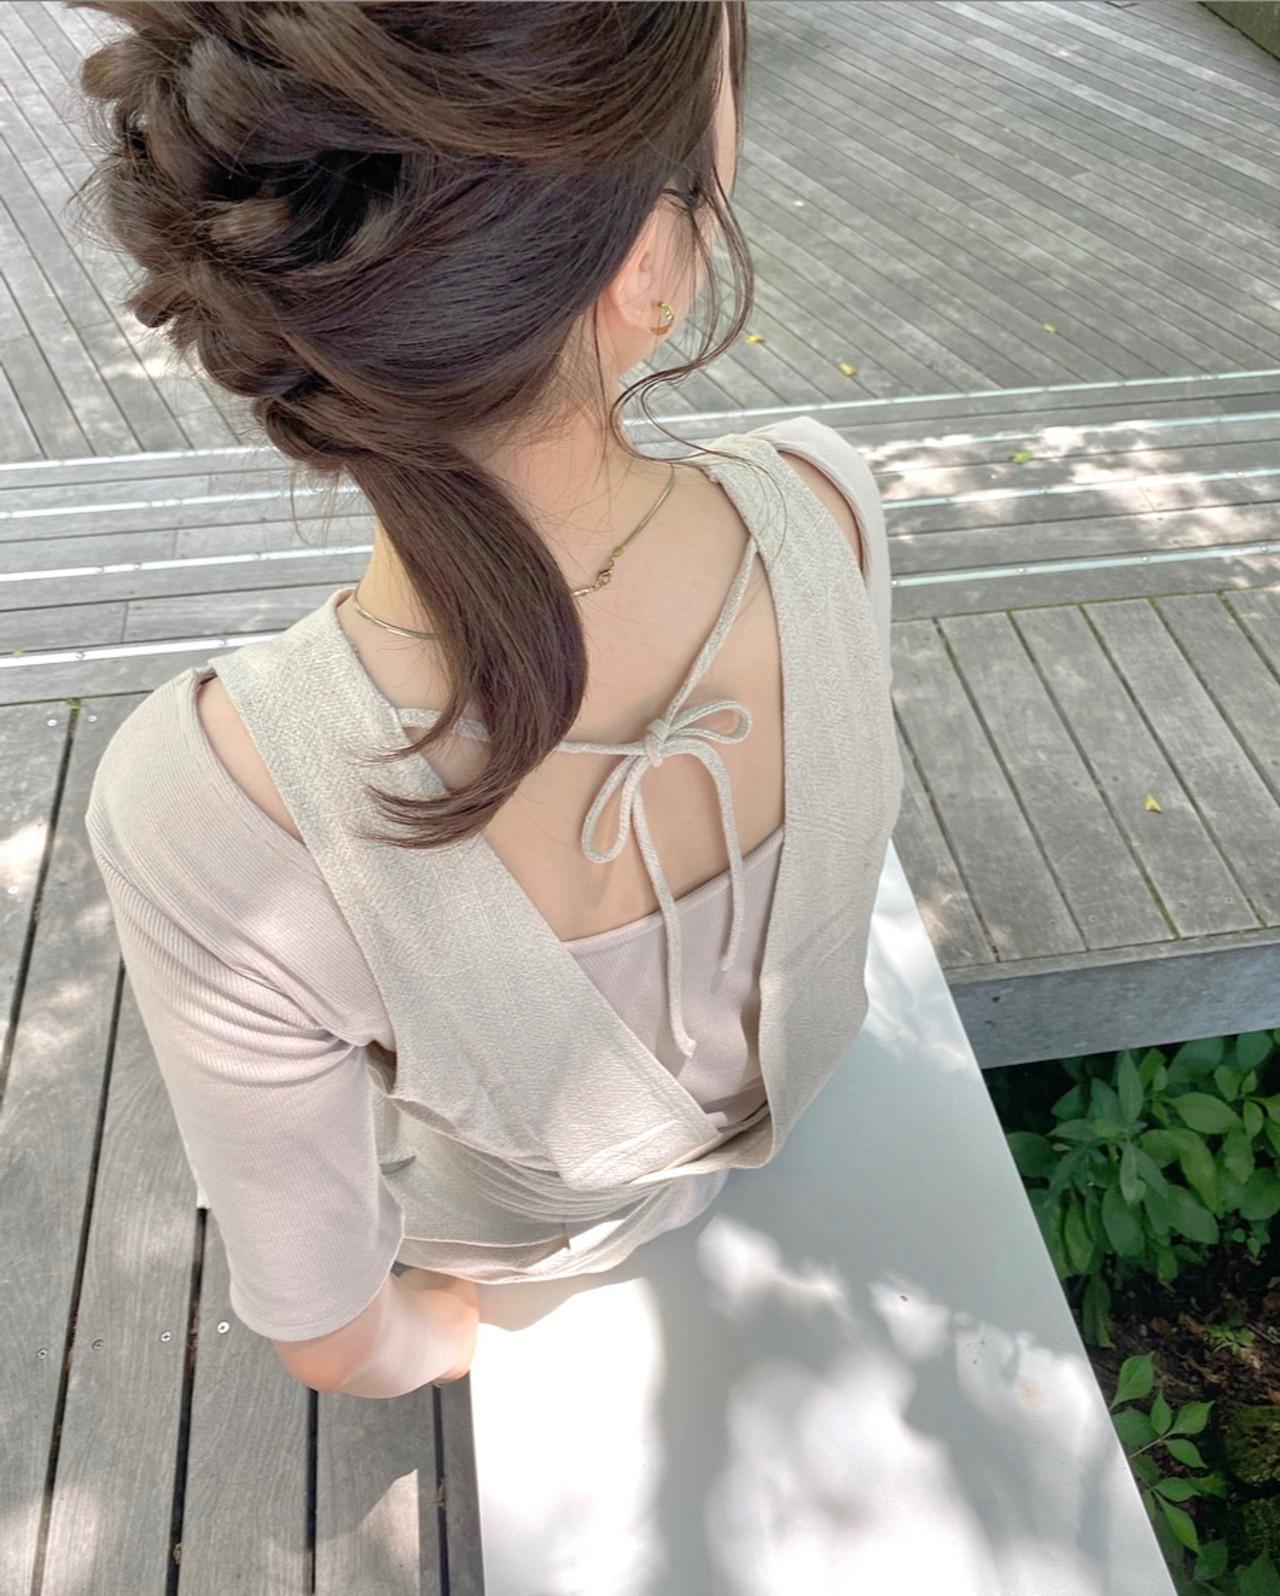 セミロング 韓国 簡単ヘアアレンジ セルフヘアアレンジ ヘアスタイルや髪型の写真・画像